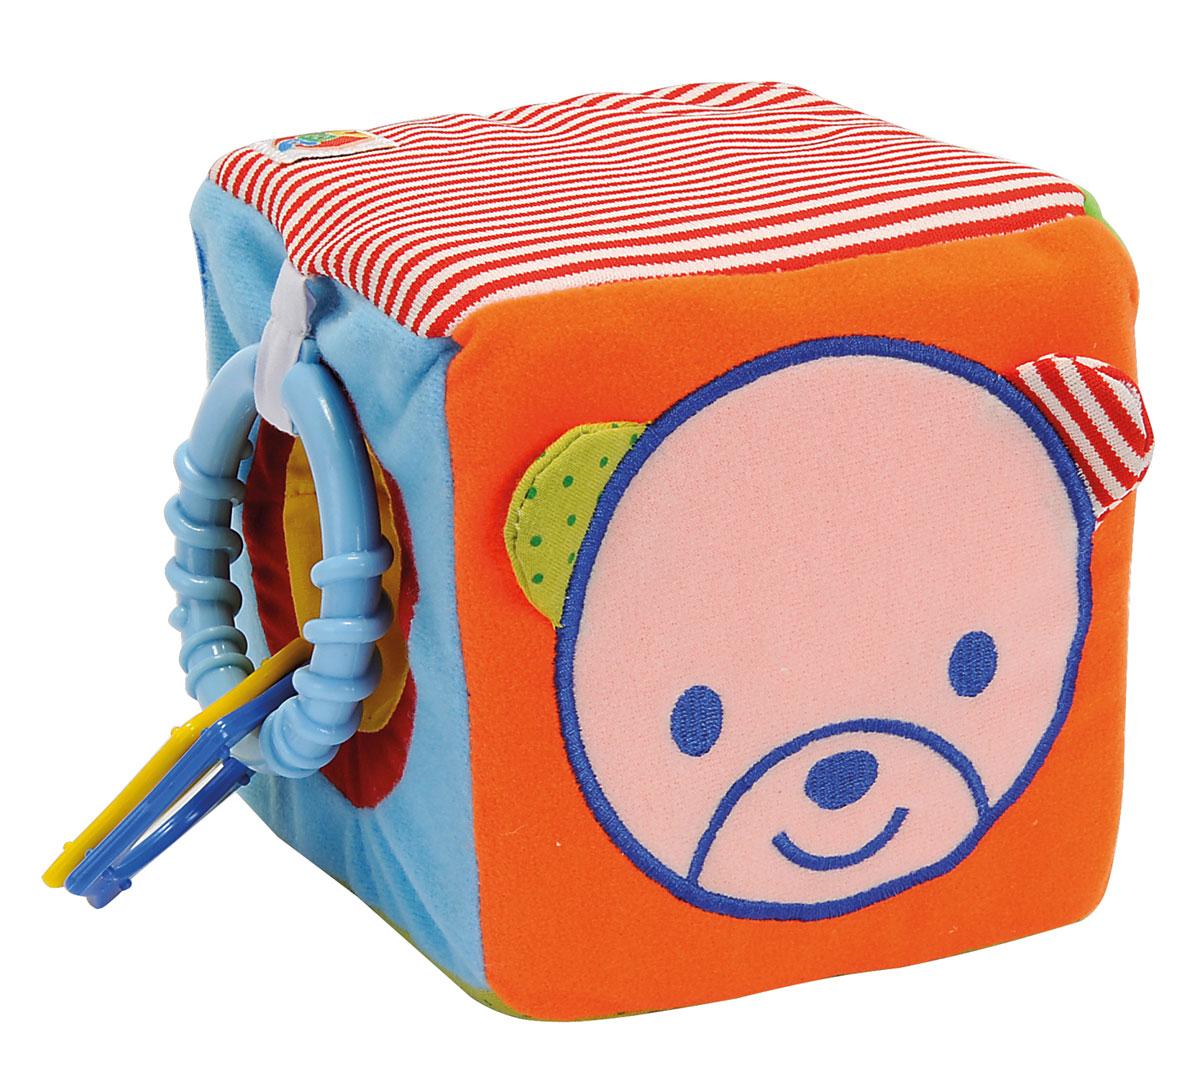 Simba Мягкая развивающая игрушка Кубик4010482Мягкая развивающая игрушка Simba Кубик - идеальная игрушка для малышей с первых дней жизни. Игрушка изготовлена из высококачественных материалов, безопасных для здоровья ребенка. Игрушка выполнена в виде кубика, который оснащен безопасным зеркальцем и погремушкой. Пестрая расцветка и множество деталей с разнообразной текстурой привлекают внимание крохи, способствуя развитию зрительного и слухового восприятия, тактильных навыков и мелкой моторики рук. Наличие подвески-прорезывателя особенно актуально в период появления первых зубов.